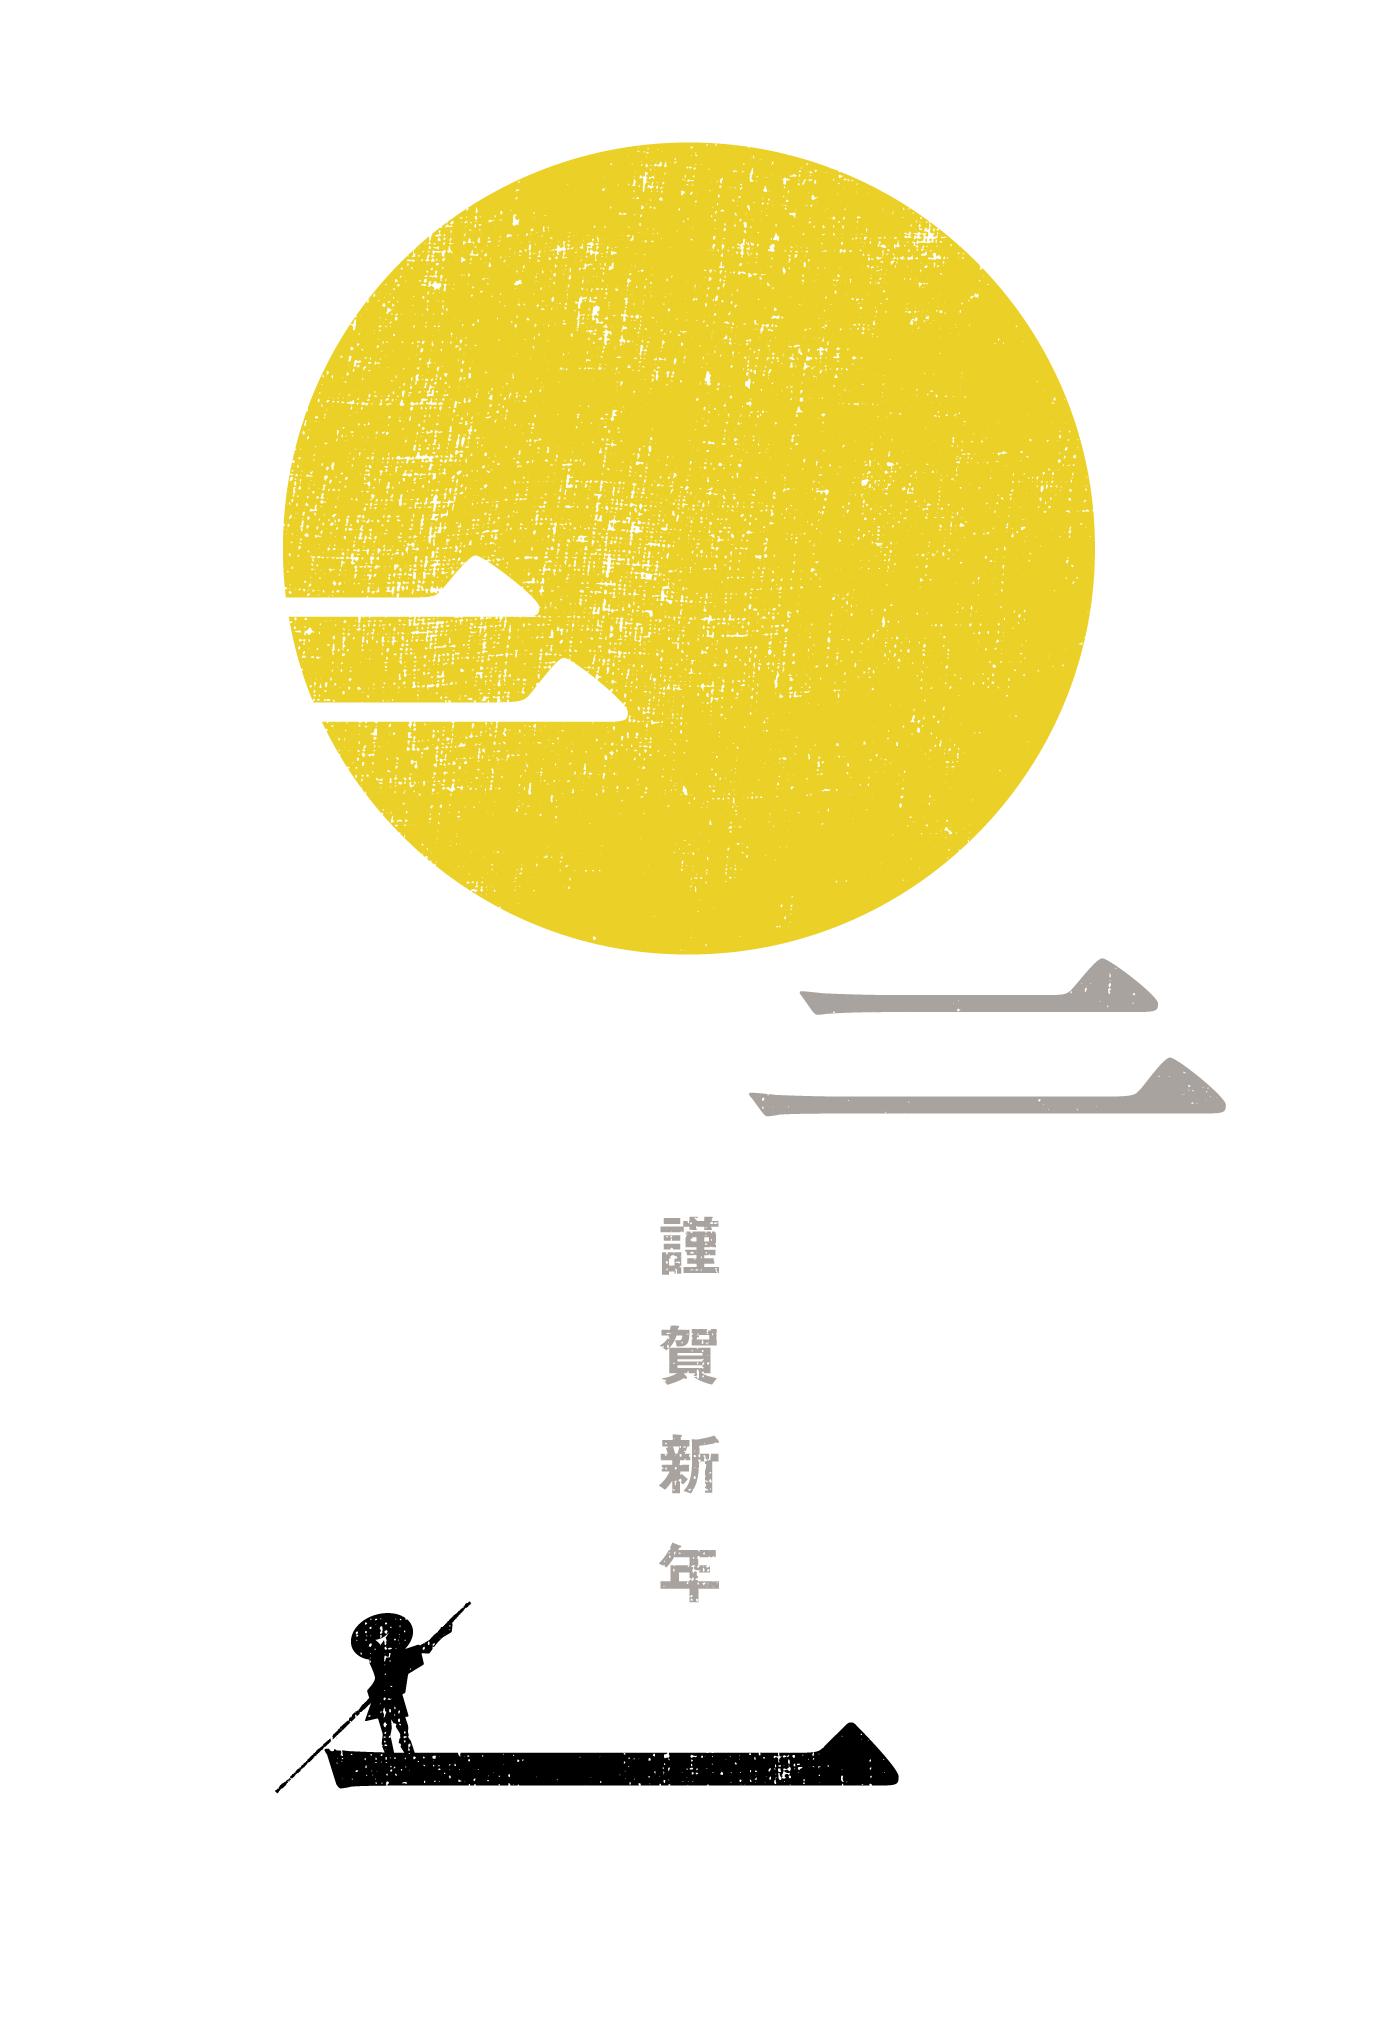 2021年賀状19-3:明朝の船頭 / Bのダウンロード画像